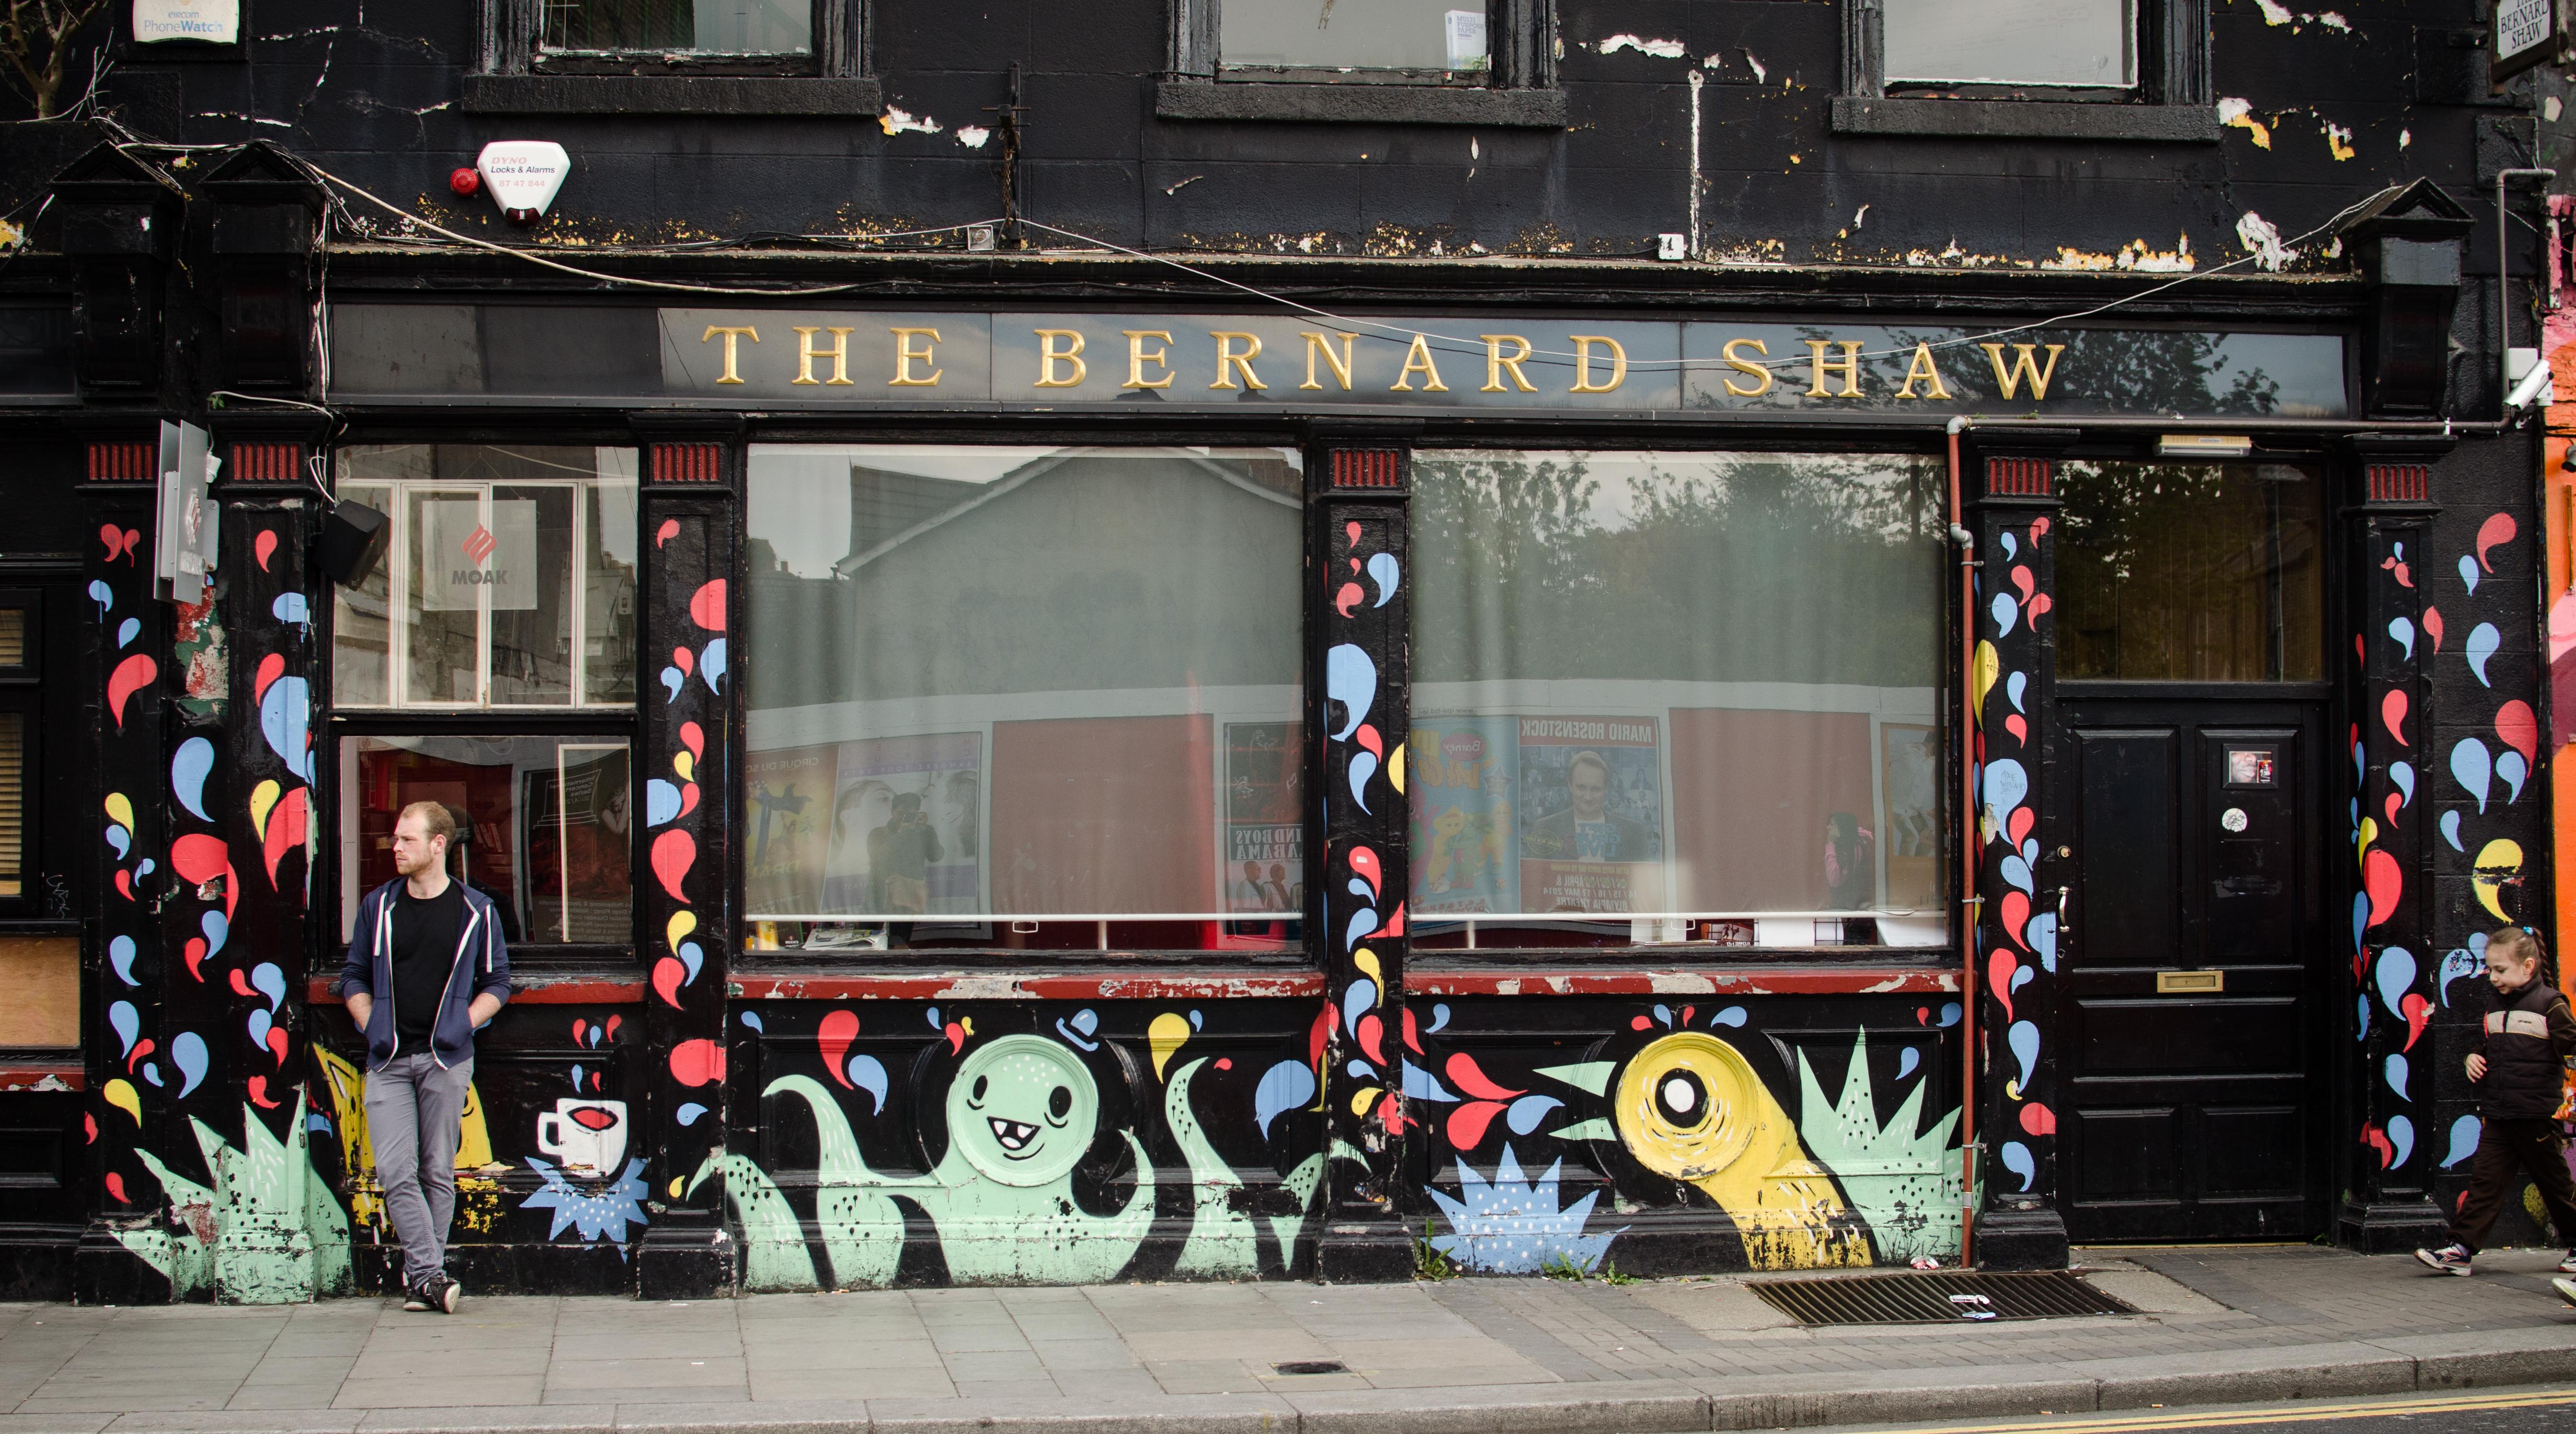 The Bernard Shaw